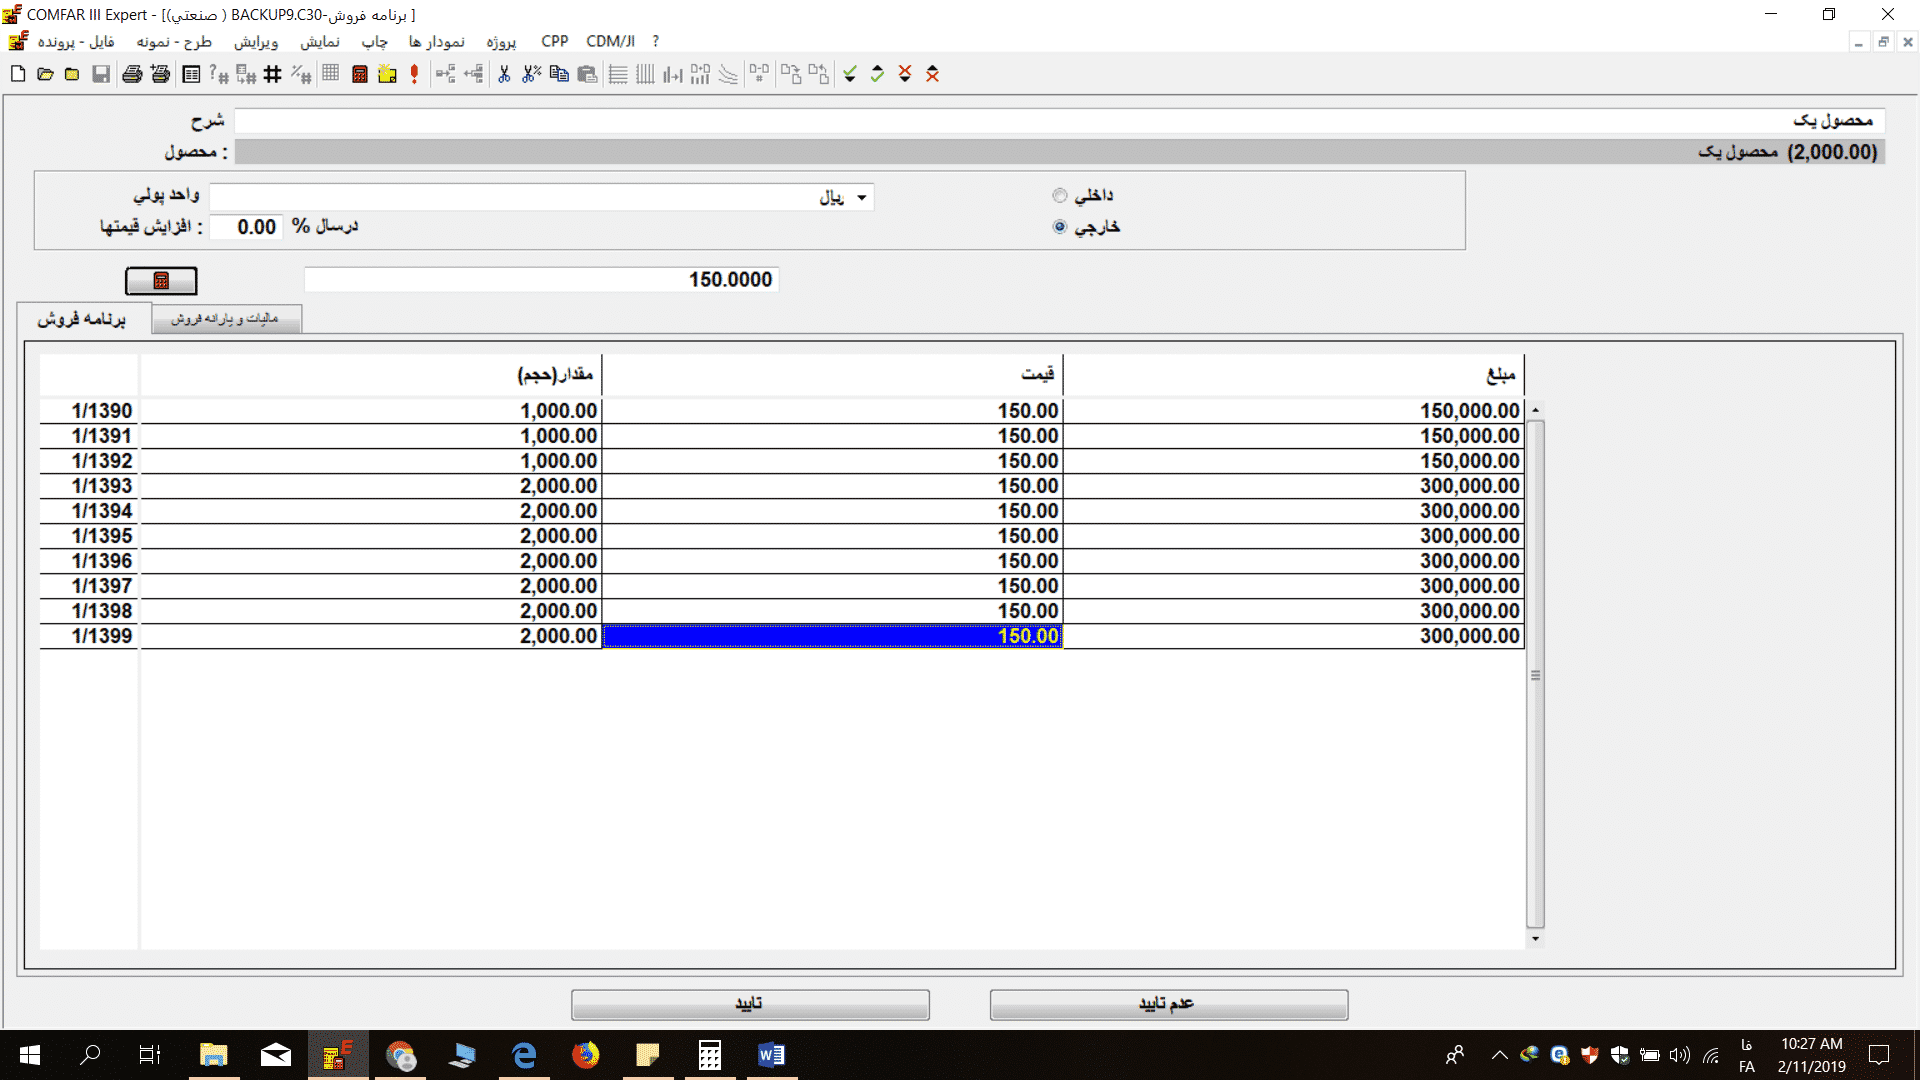 فروش 3 گره برنامه فروش در کامفار